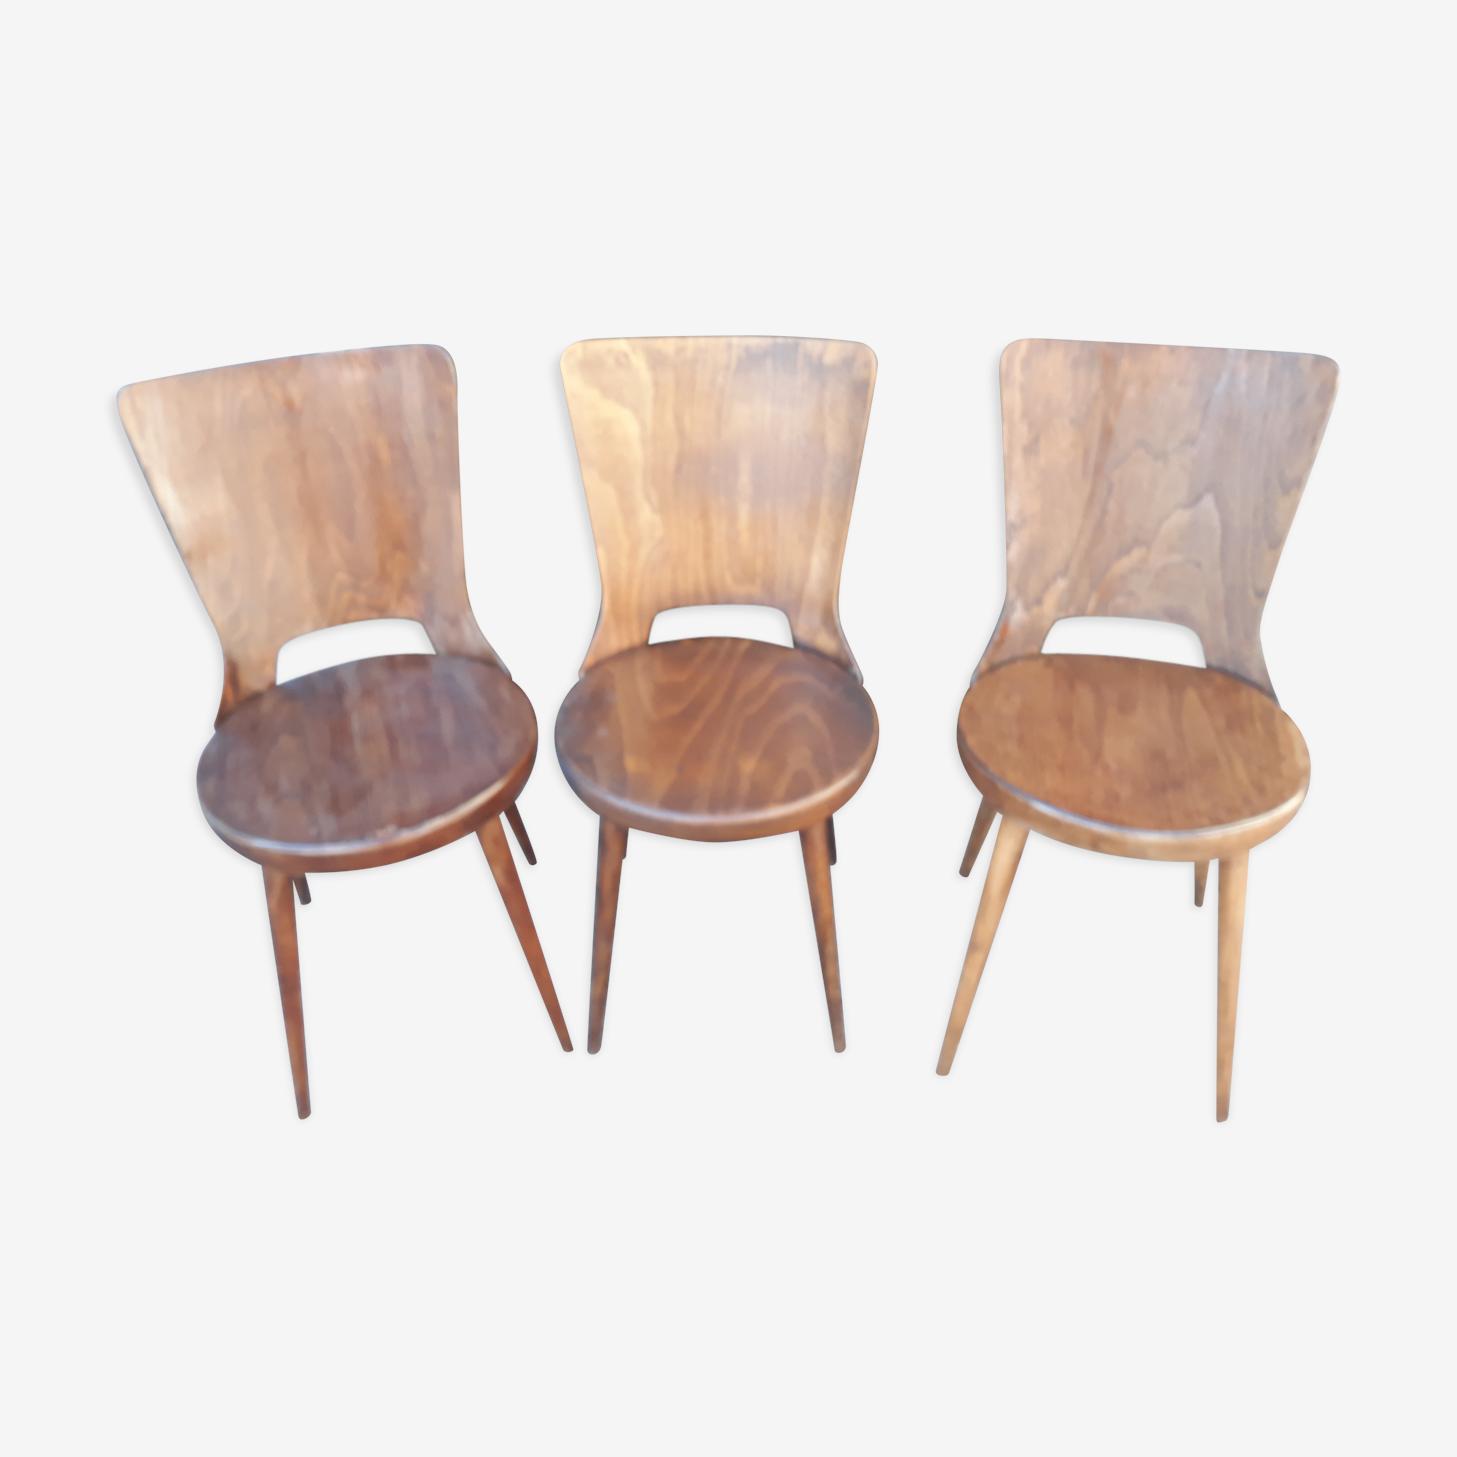 Série de 3 chaises Baumann modèle Dove vintage